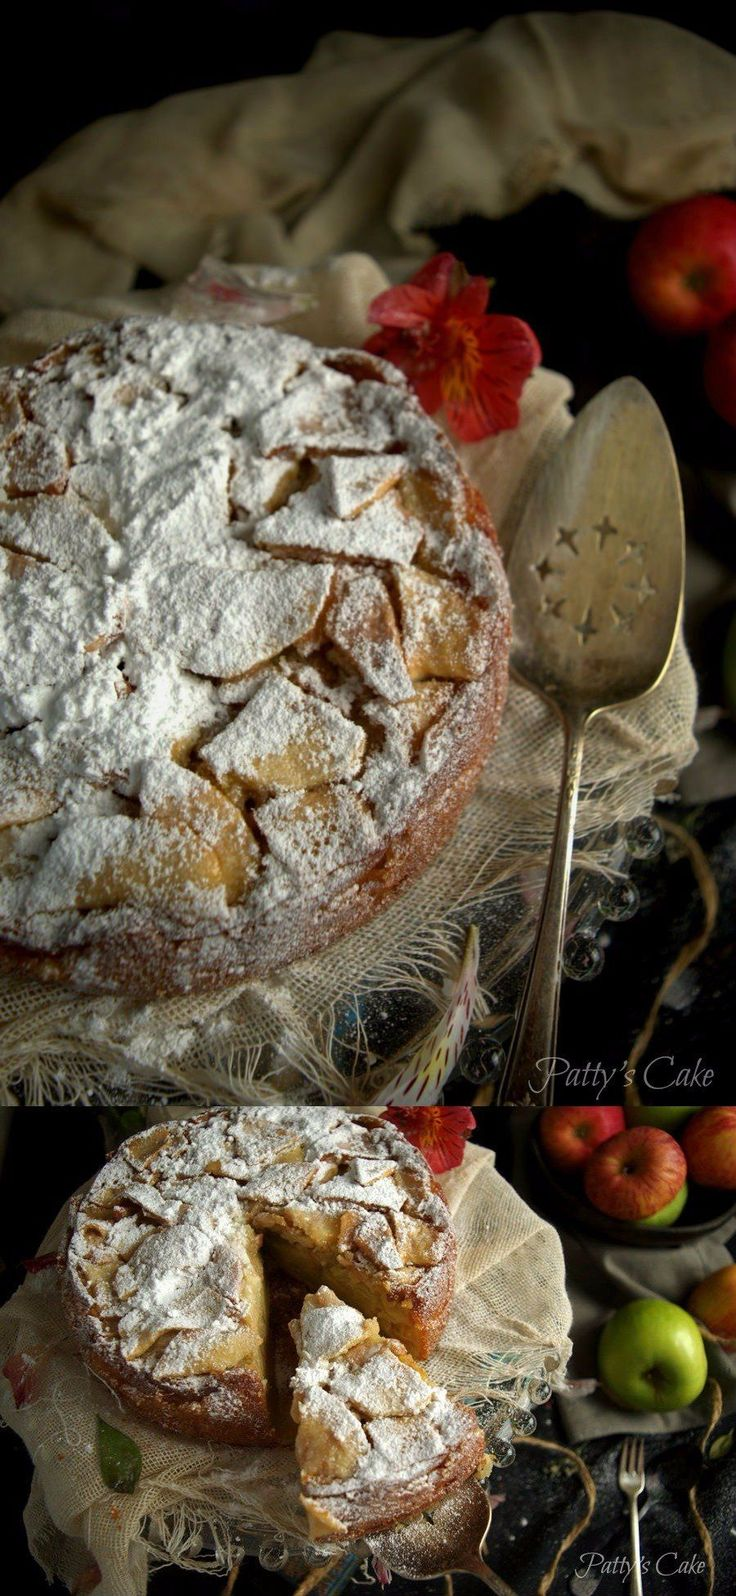 Clásico y jugoso bizcocho francés de manzanas. Una receta tradicional y muy deliciosa.